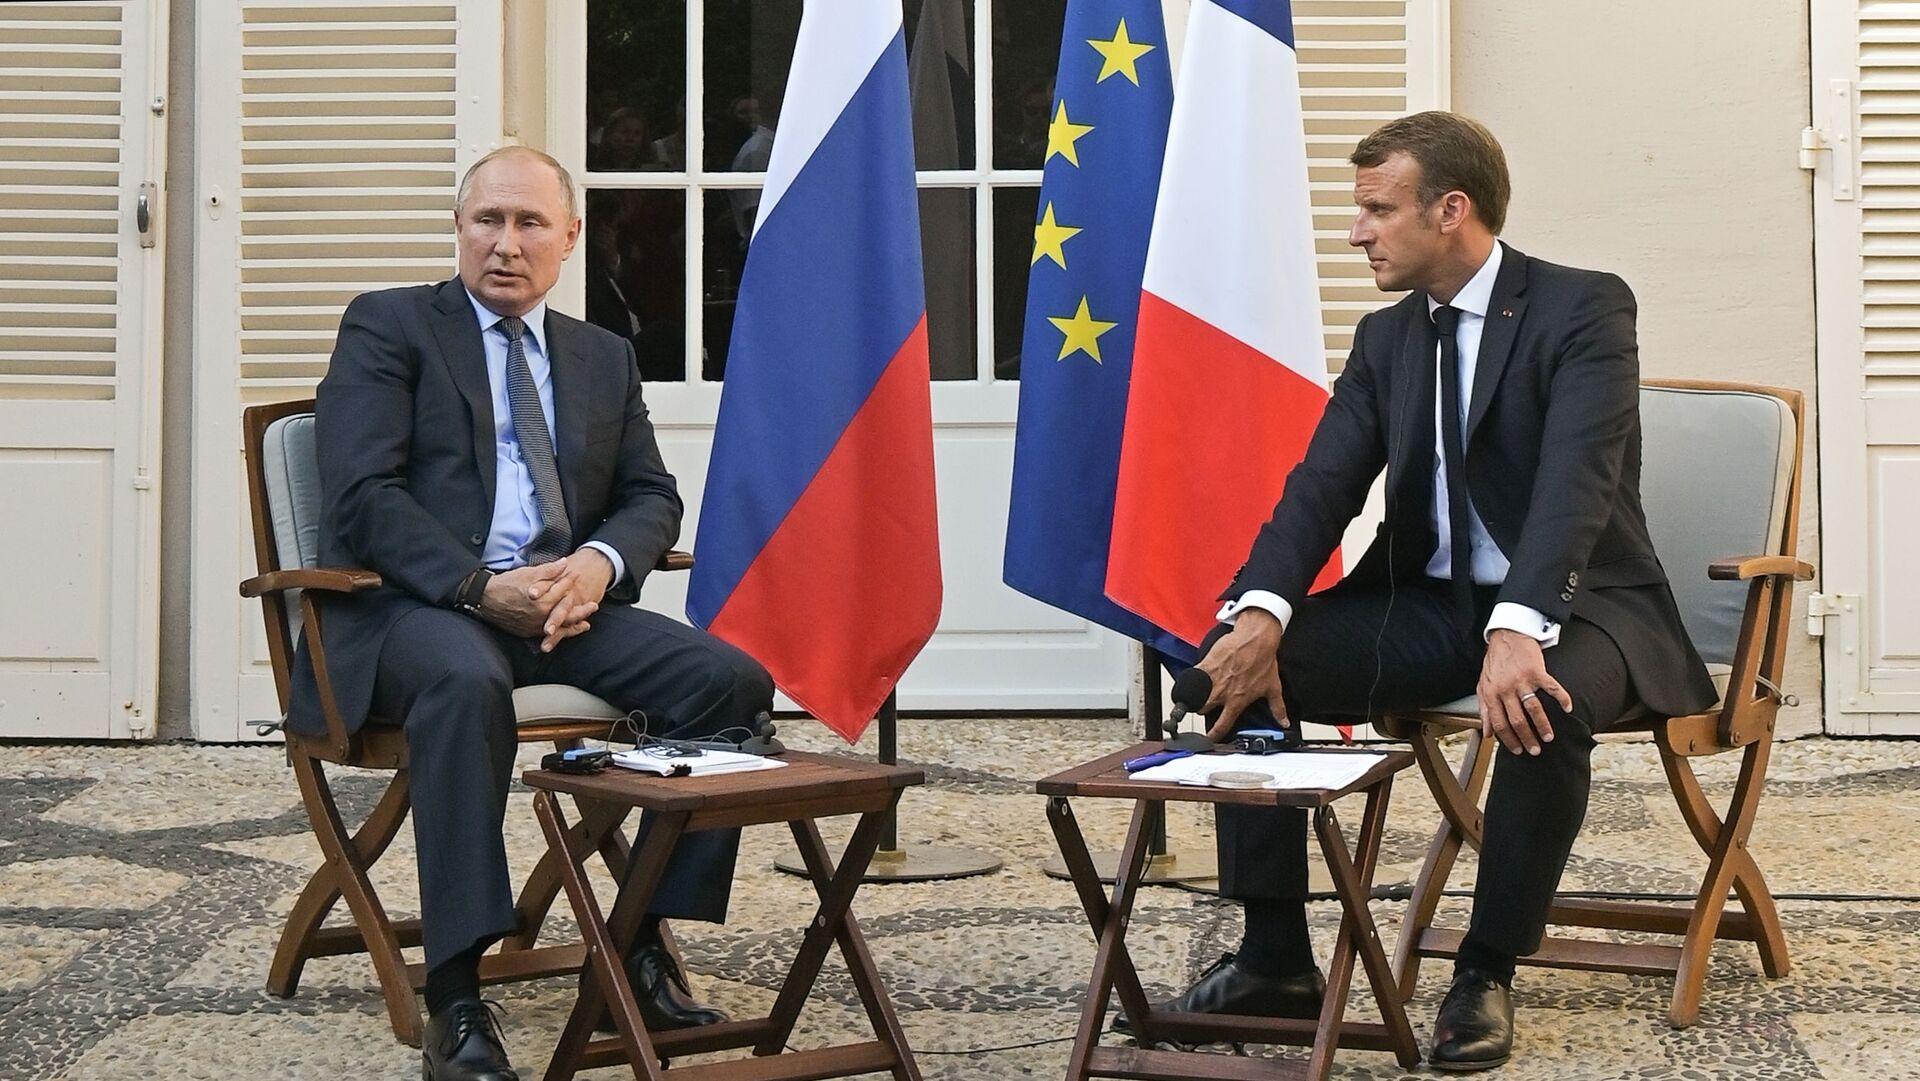 Ruský prezident Vladimir Putin a francouzský prezident Emmanuel Macron během schůzky v Fort de Bregancon 19. srpna 2019 - Sputnik Česká republika, 1920, 20.08.2021